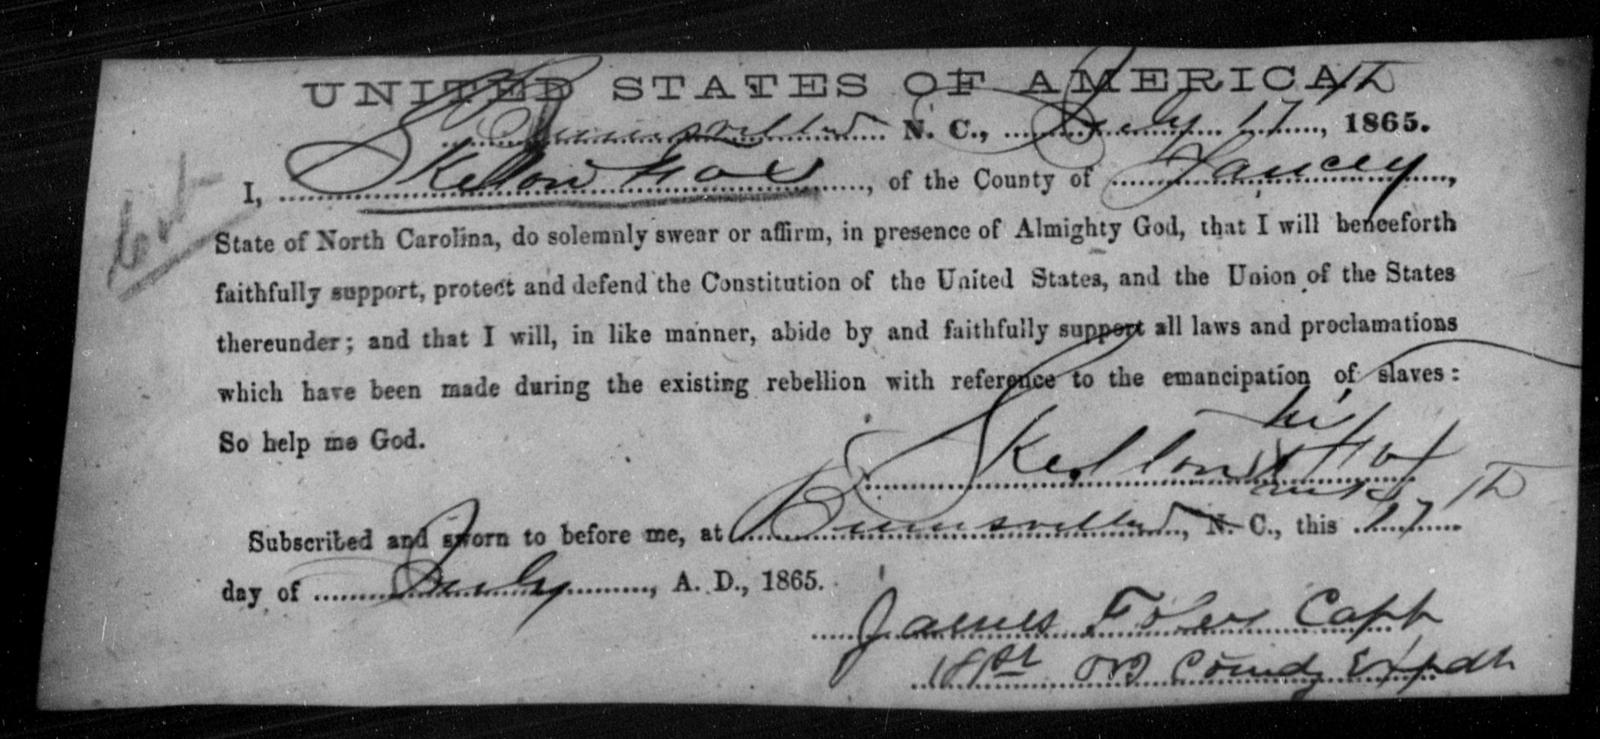 Fox, Skelton - State: North Carolina - Year: 1865